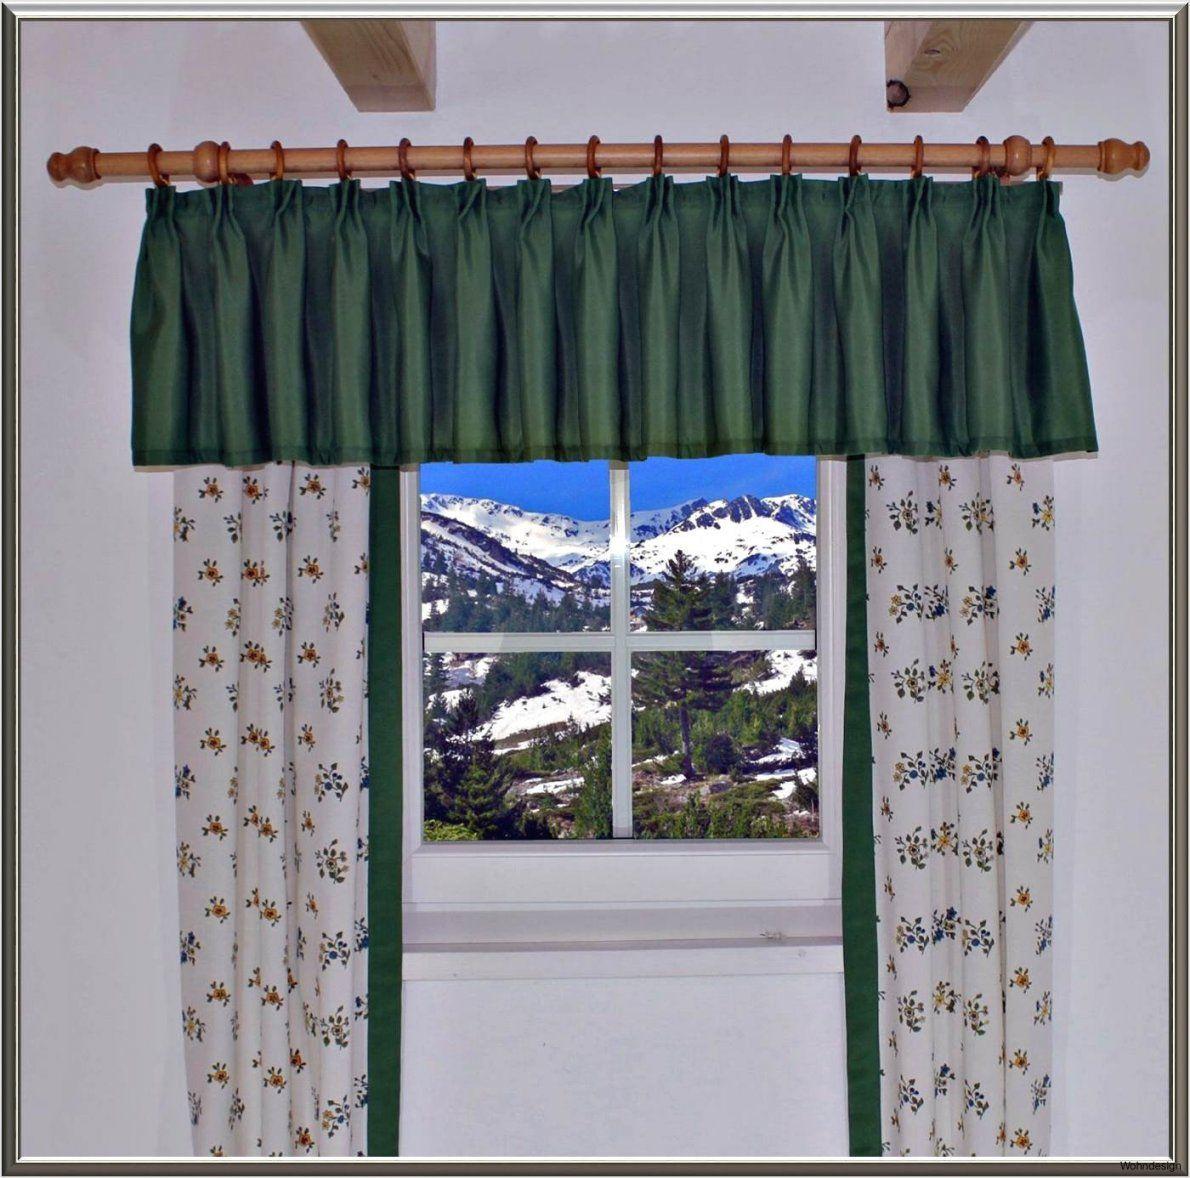 gardinen raffhalter selber machen 16 sch ne ideen f r die vorh nge von gardinen raffhalter. Black Bedroom Furniture Sets. Home Design Ideas